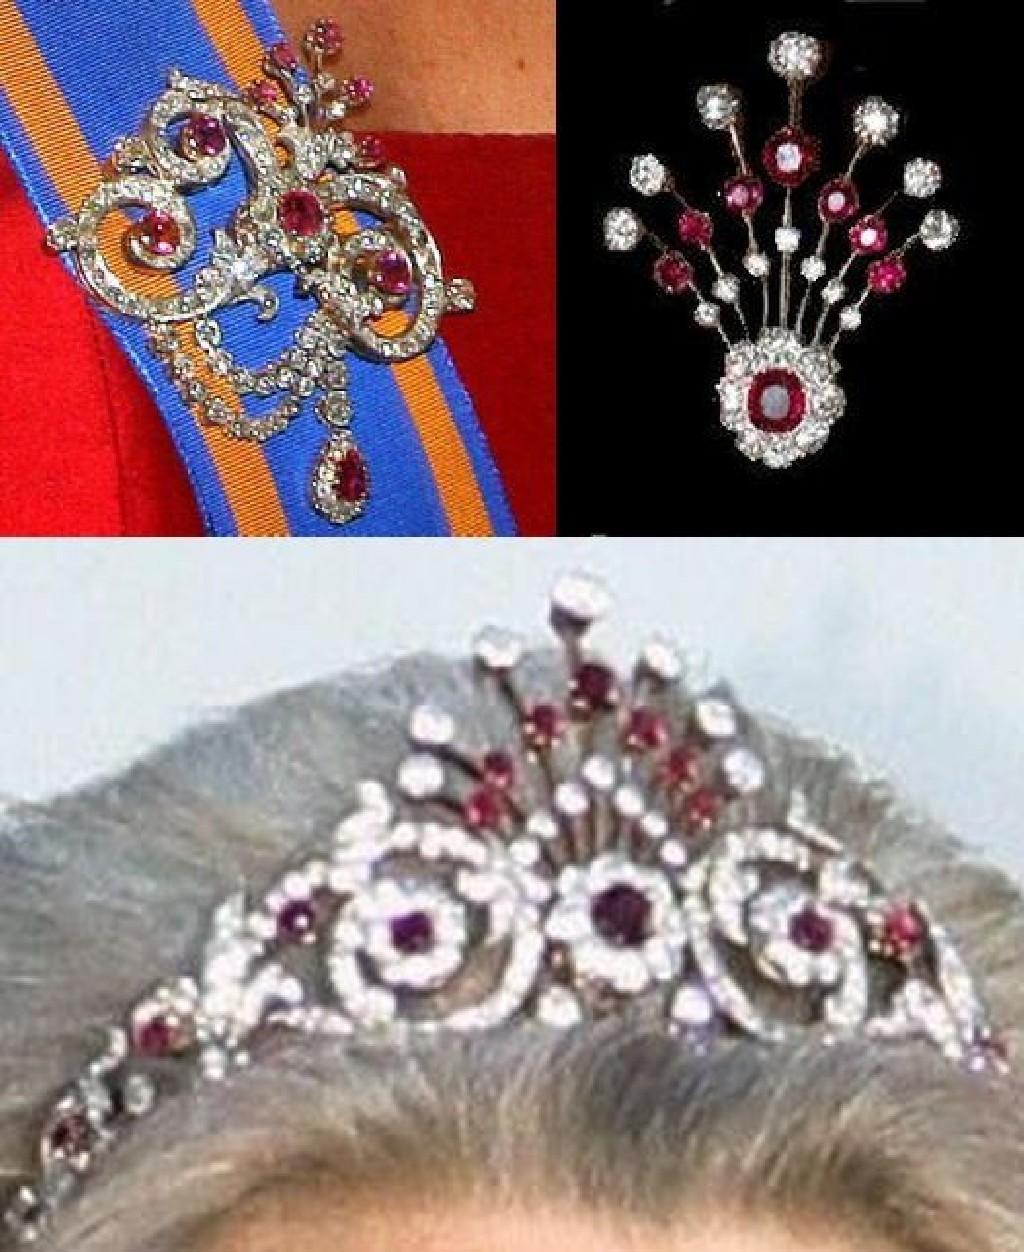 Тиары королевской семьи Великобритании: фото Елизаветы II